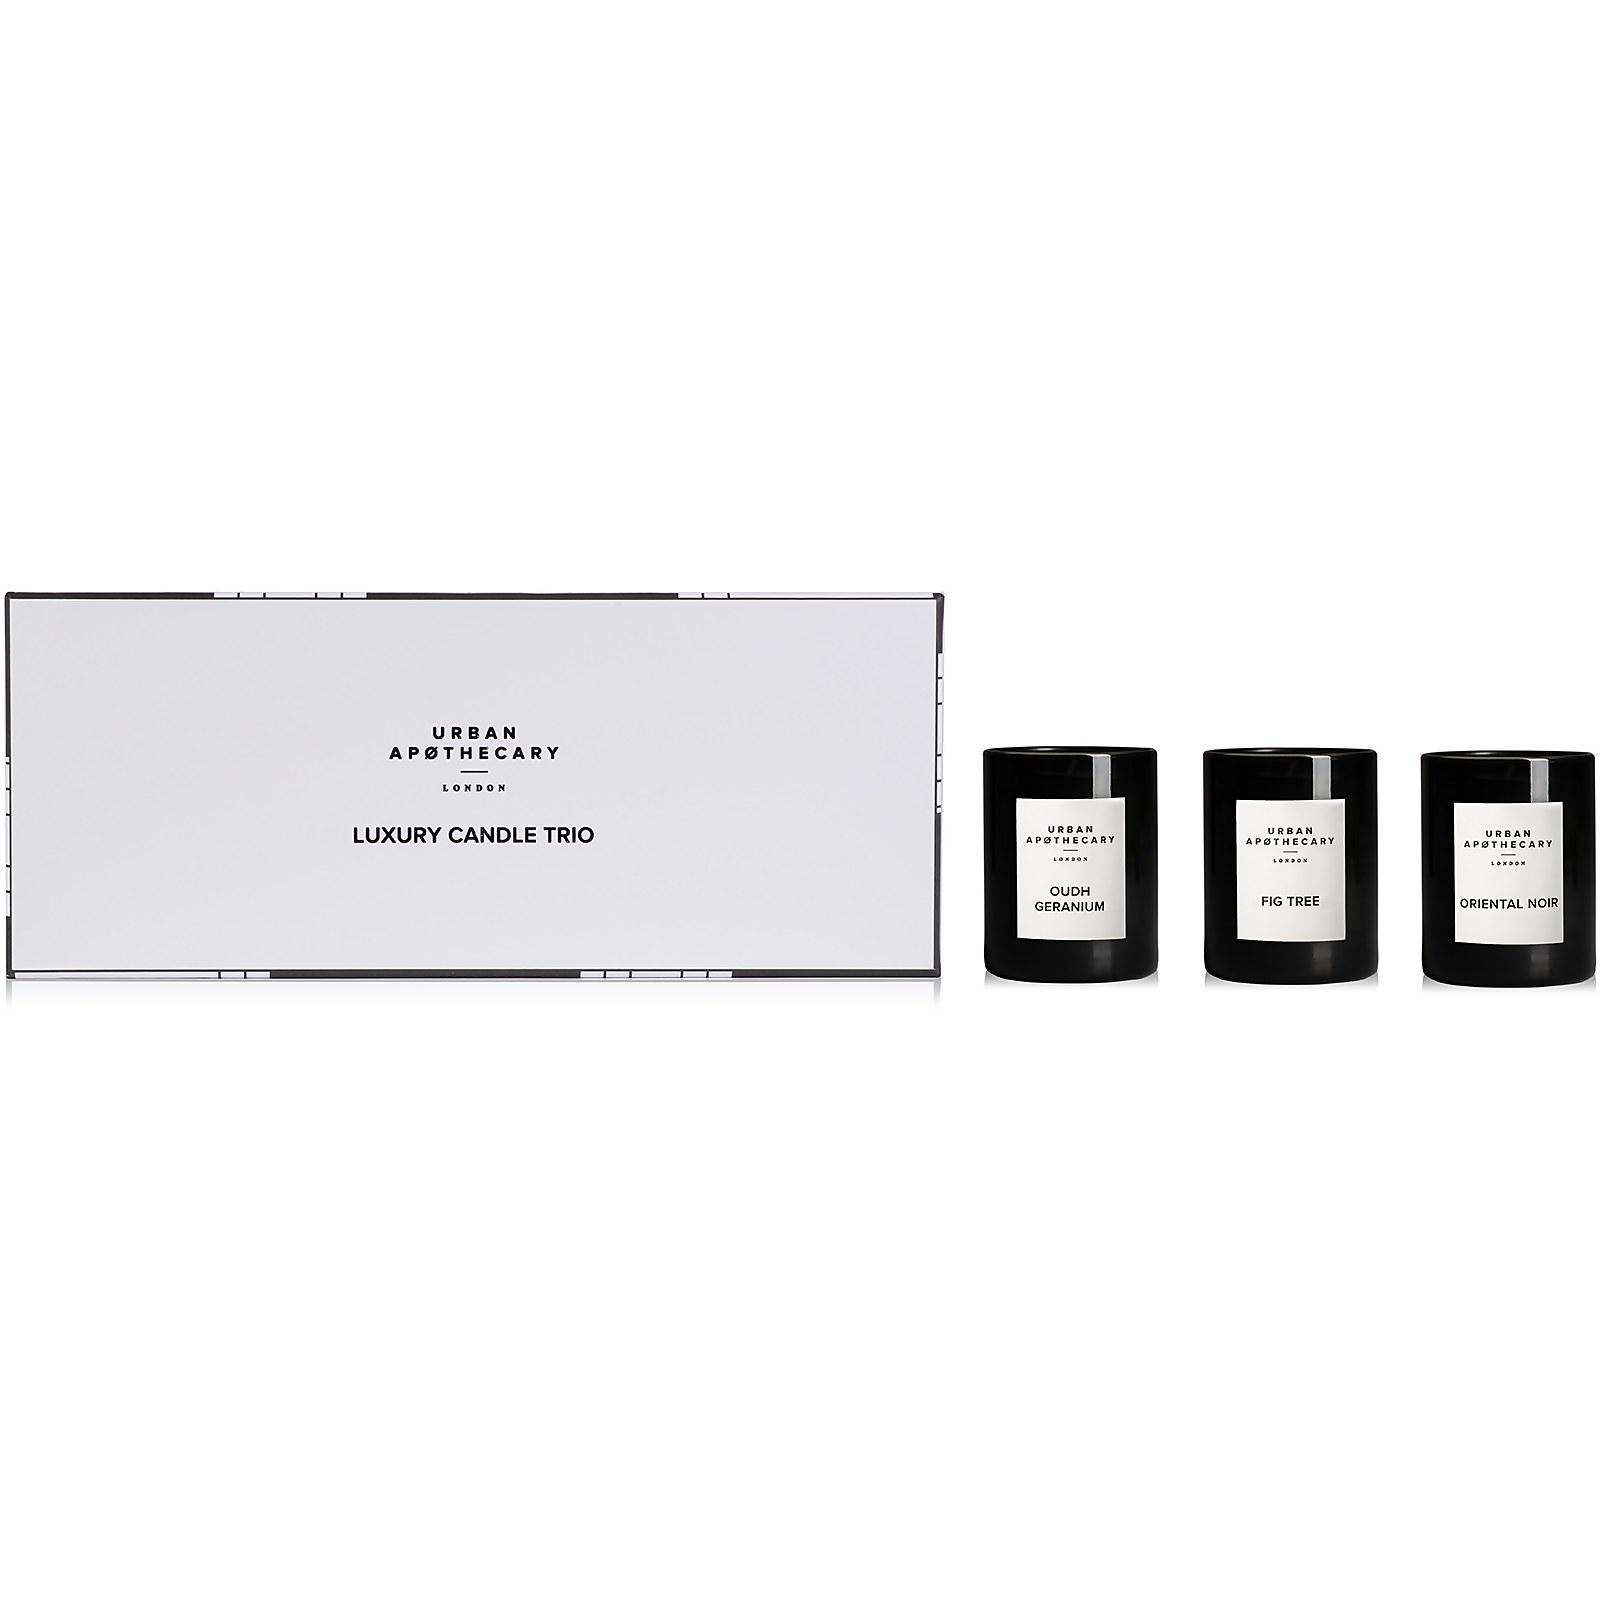 Urban Apothecary Luxury Candle Trio Gift Set - Oudh Geranium - 70g